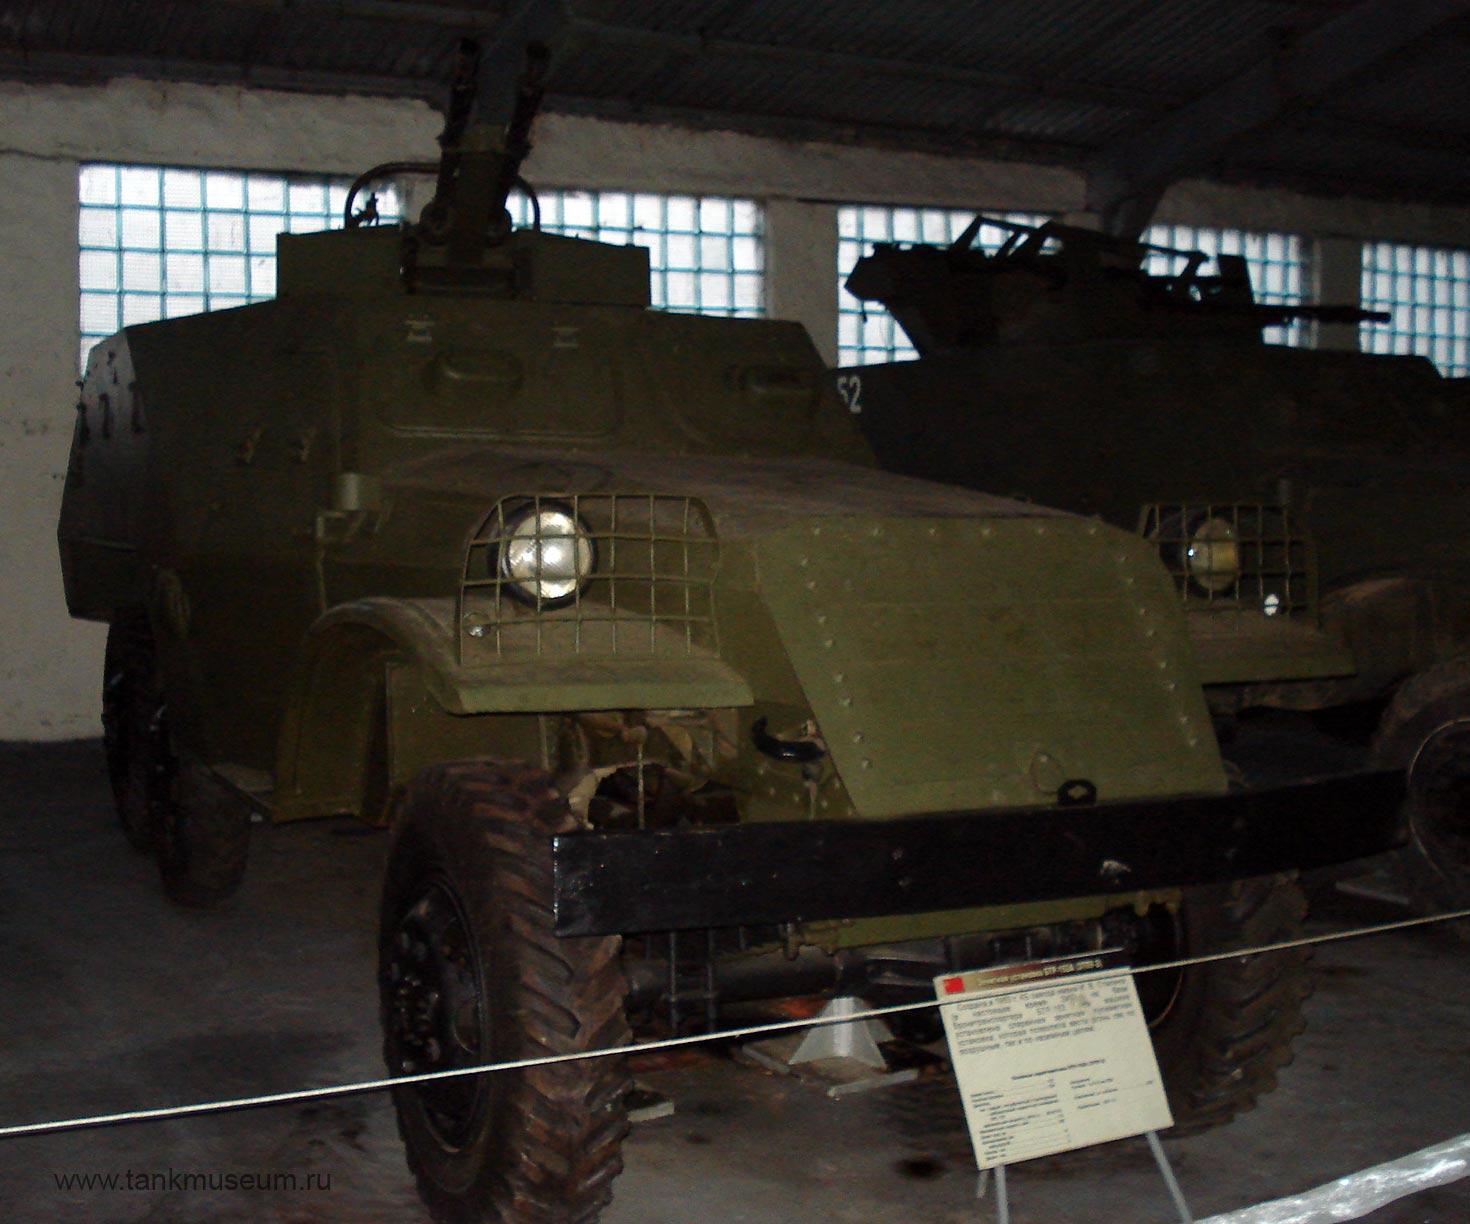 Зенитная установка ЗТПУ-2 на БТР-152, танковый музей в Кубинке